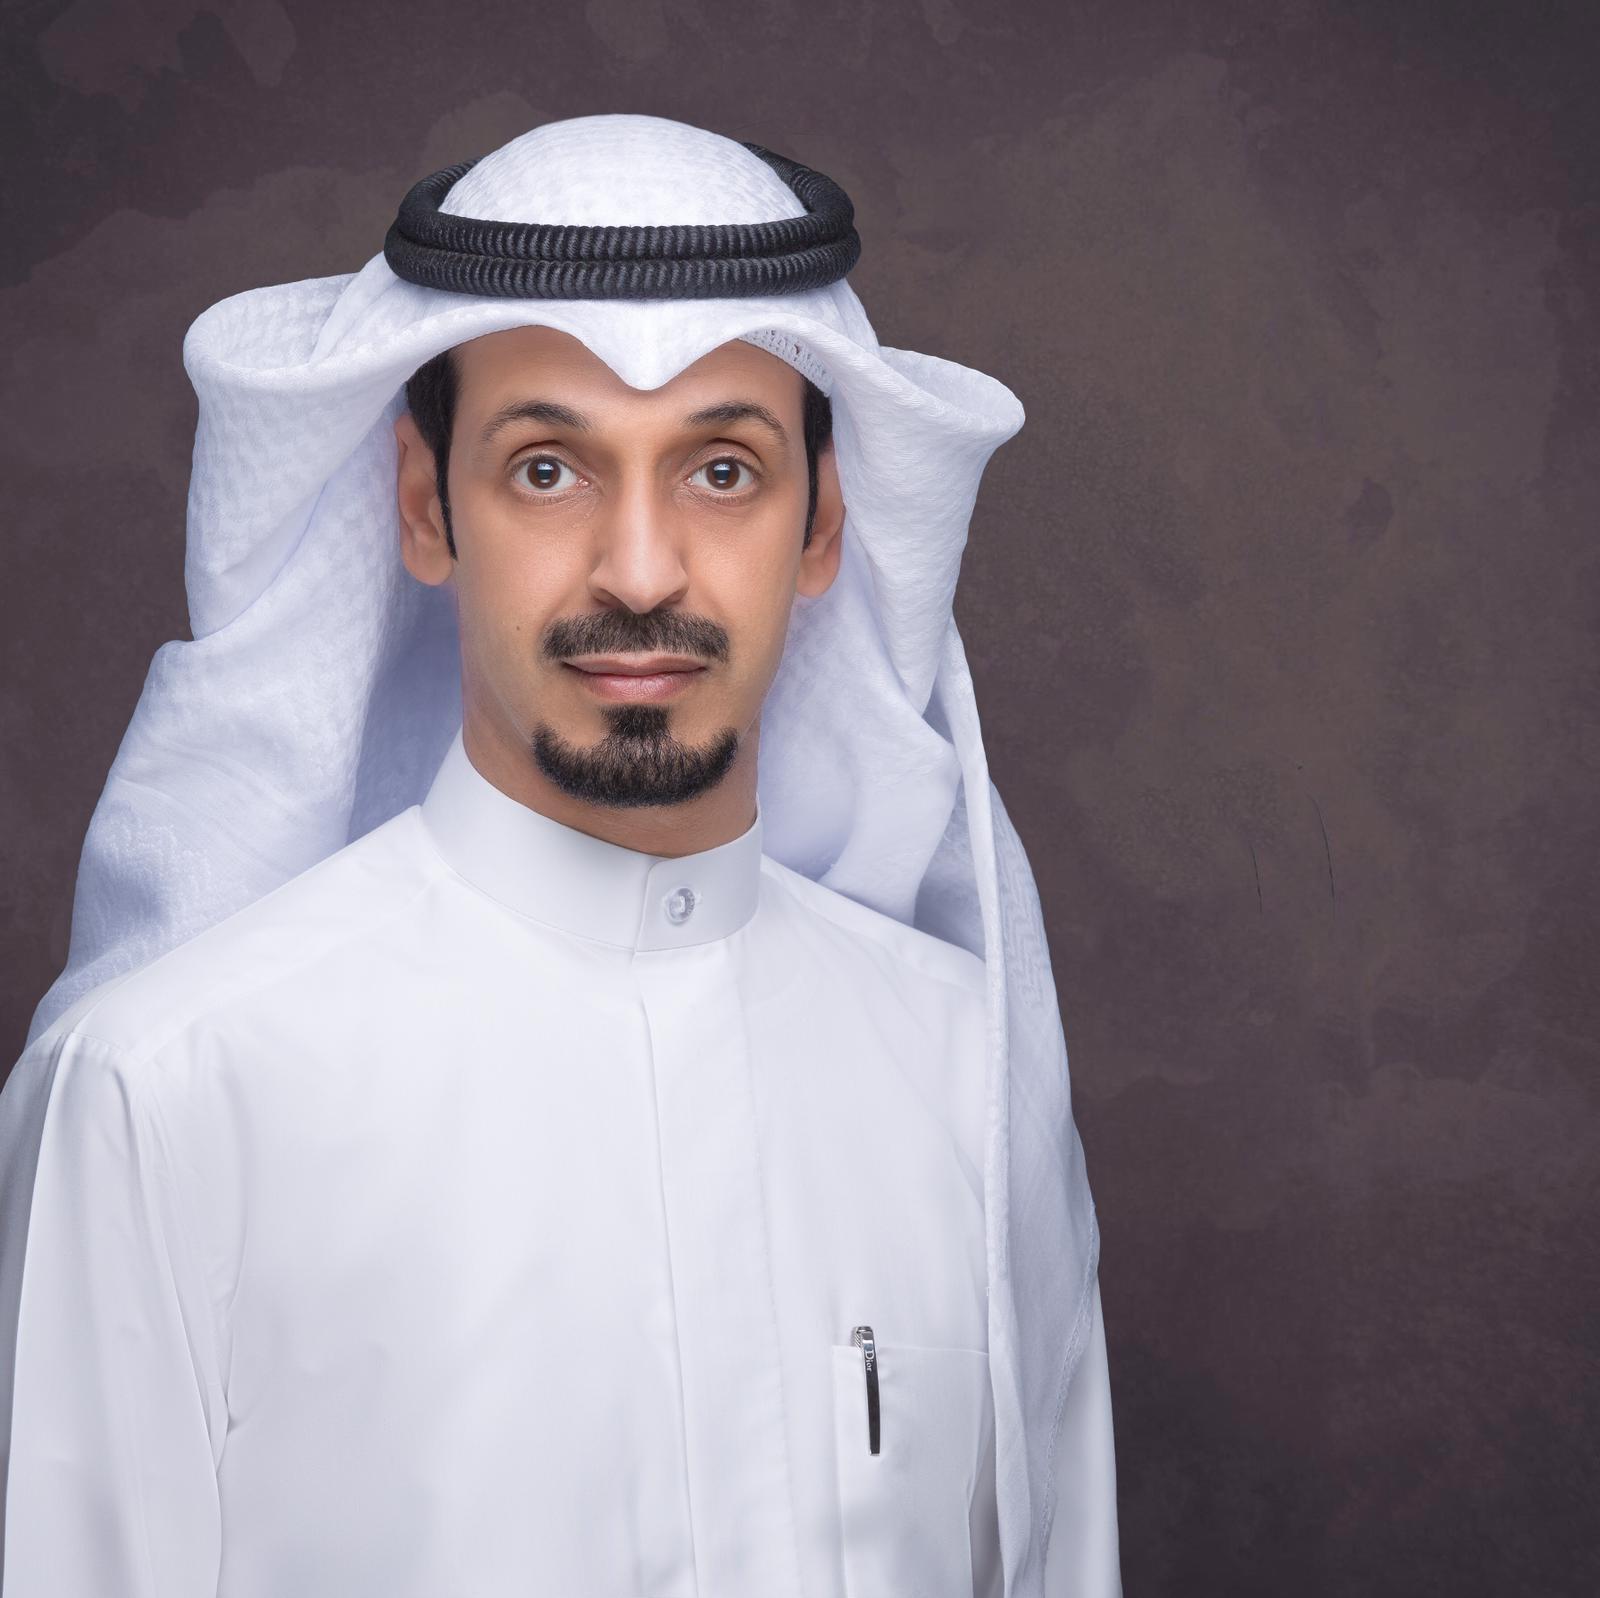 ffebb9c0 0b3e 425e 8344 61e4160047db - د. محمد زيد العتيبي رئيس الجمعية الكويتية للدراسات العليا   الحديث عن خفض الإنفاق يجب ألا يطول المنظومة التعليمية